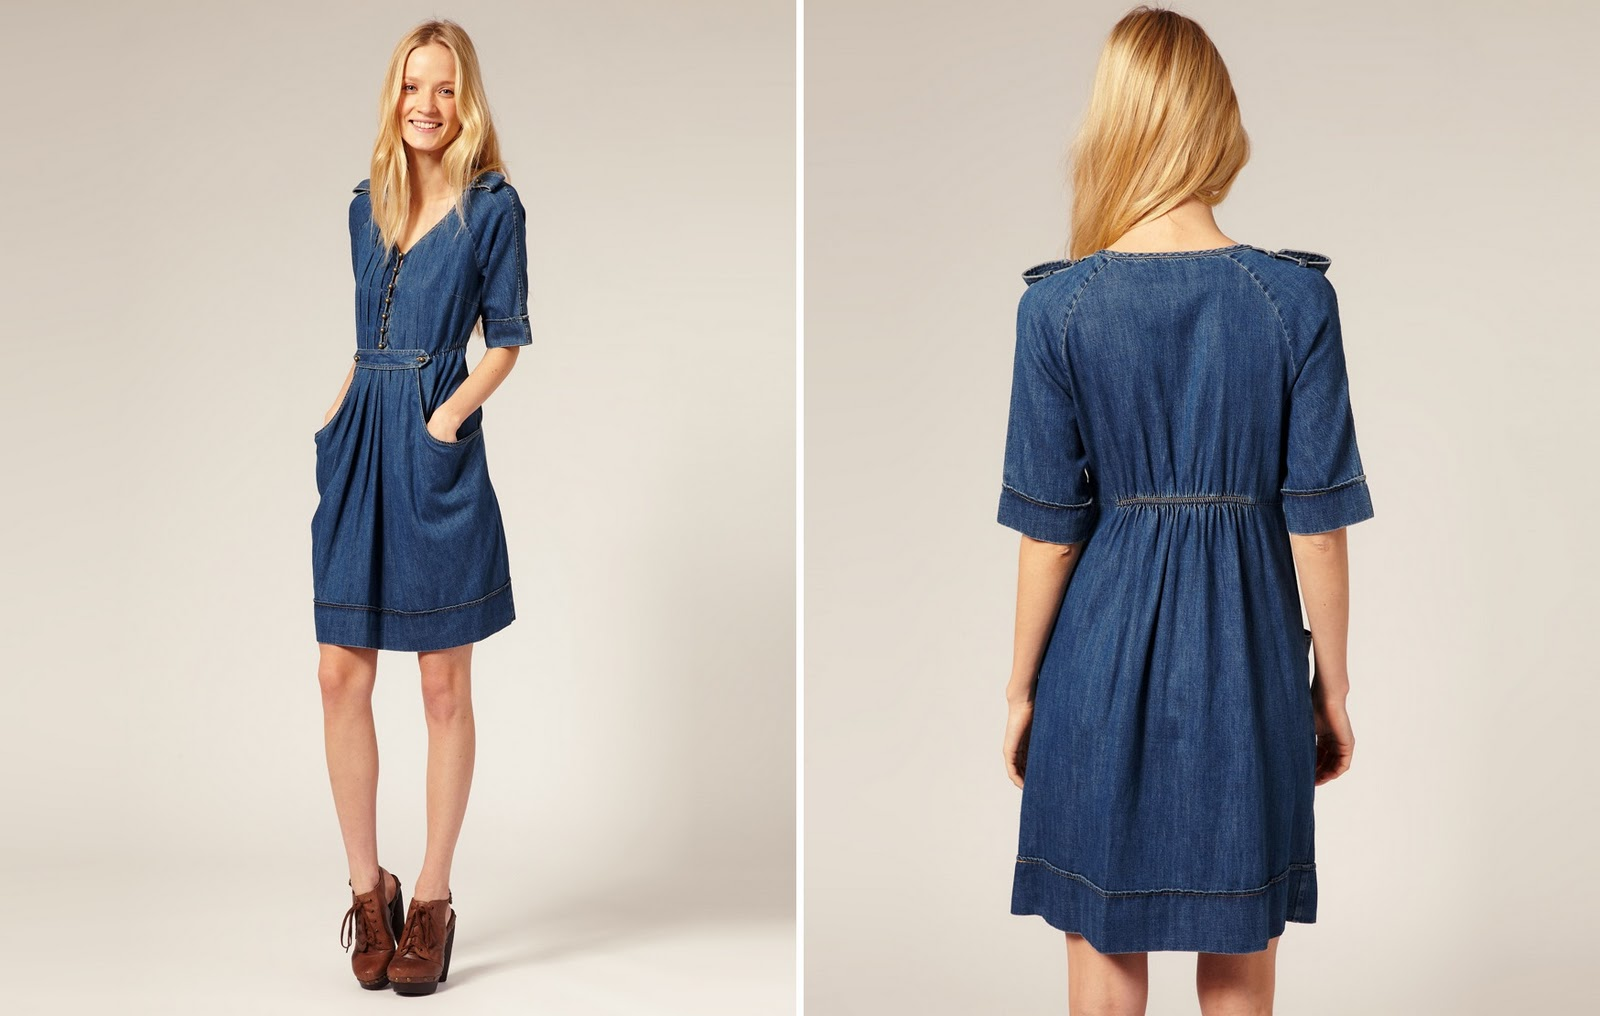 To Guardando o Modelo >> Modelos de Vestido: Vestido Jeans (7)